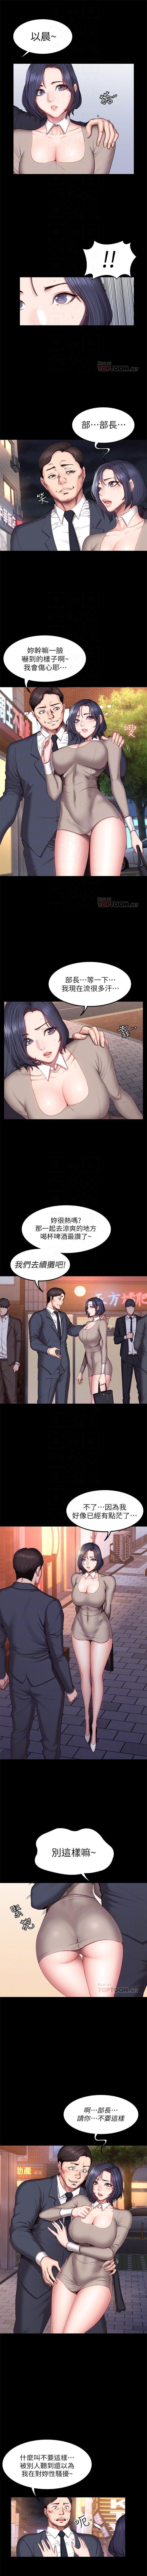 健身教練 1-56 官方中文(連載中) 243